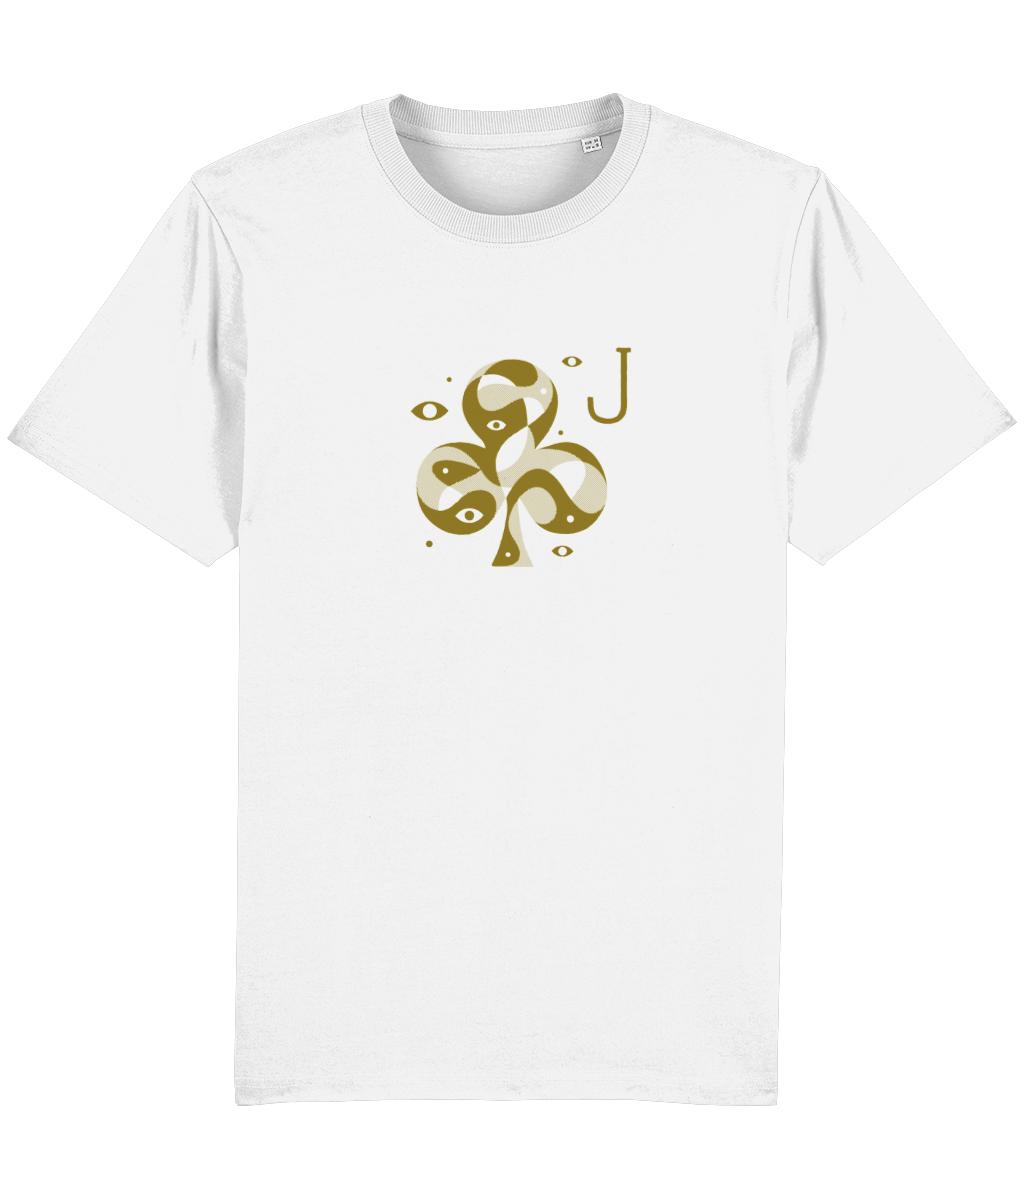 COJ-t-shirts-shop-mens-white-gold-ft